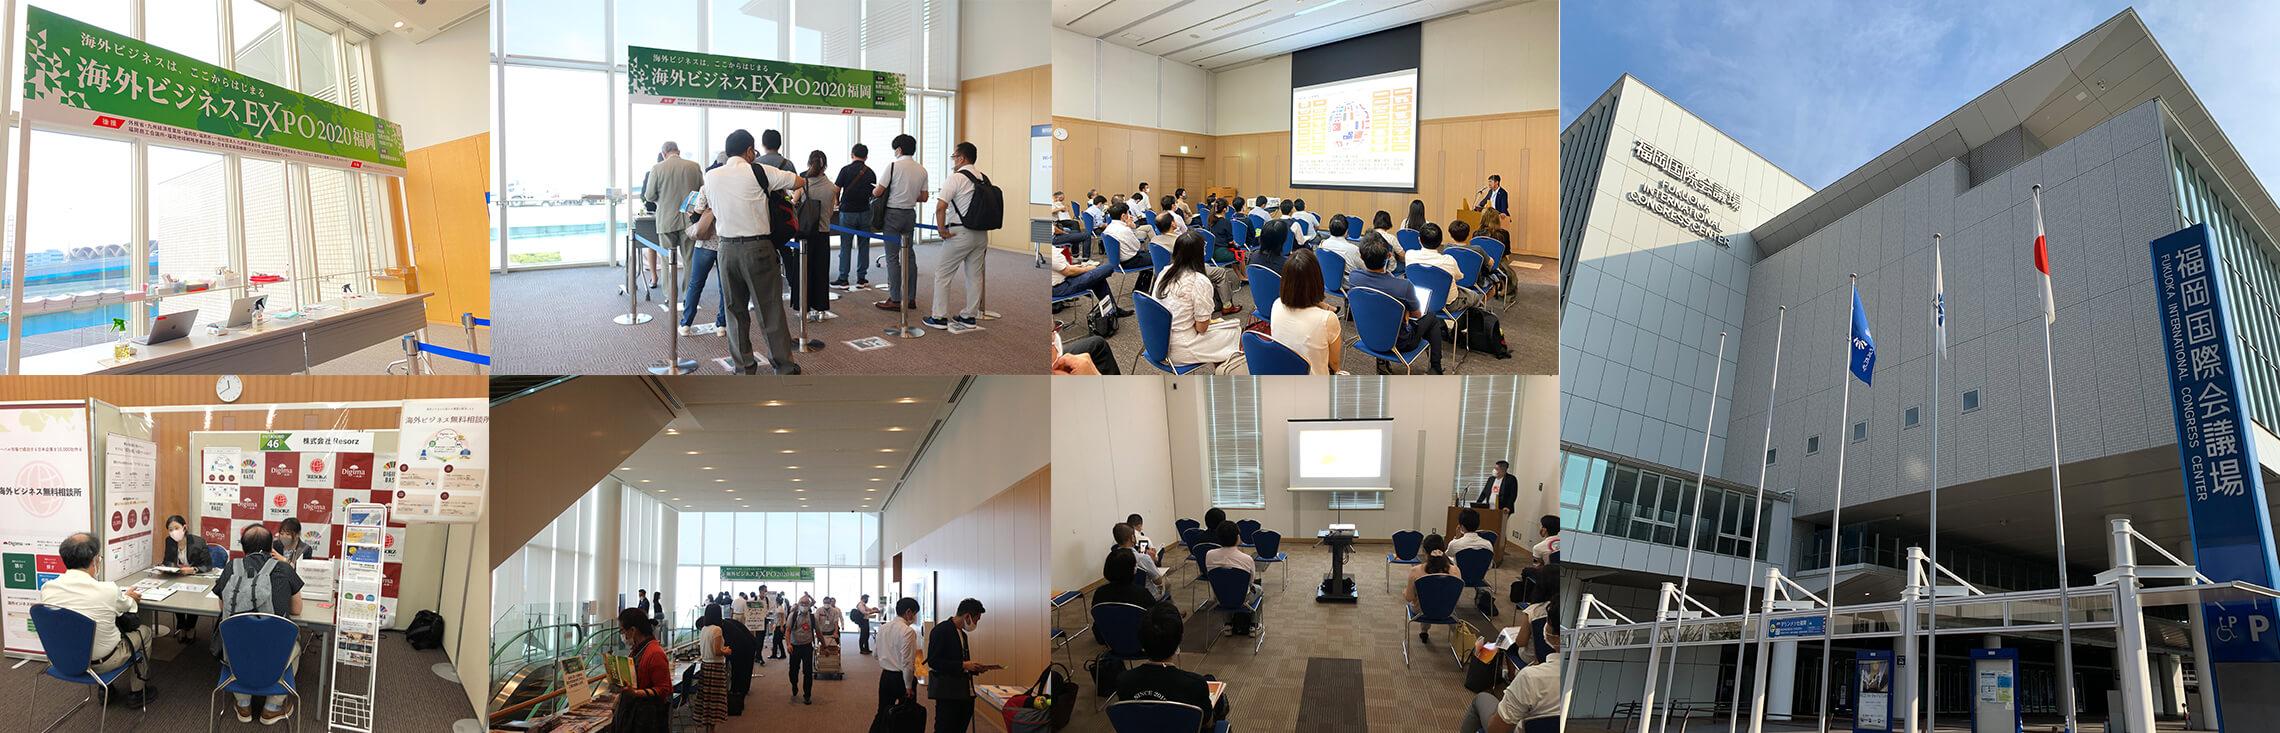 海外ビジネスEXPO福岡2020_01